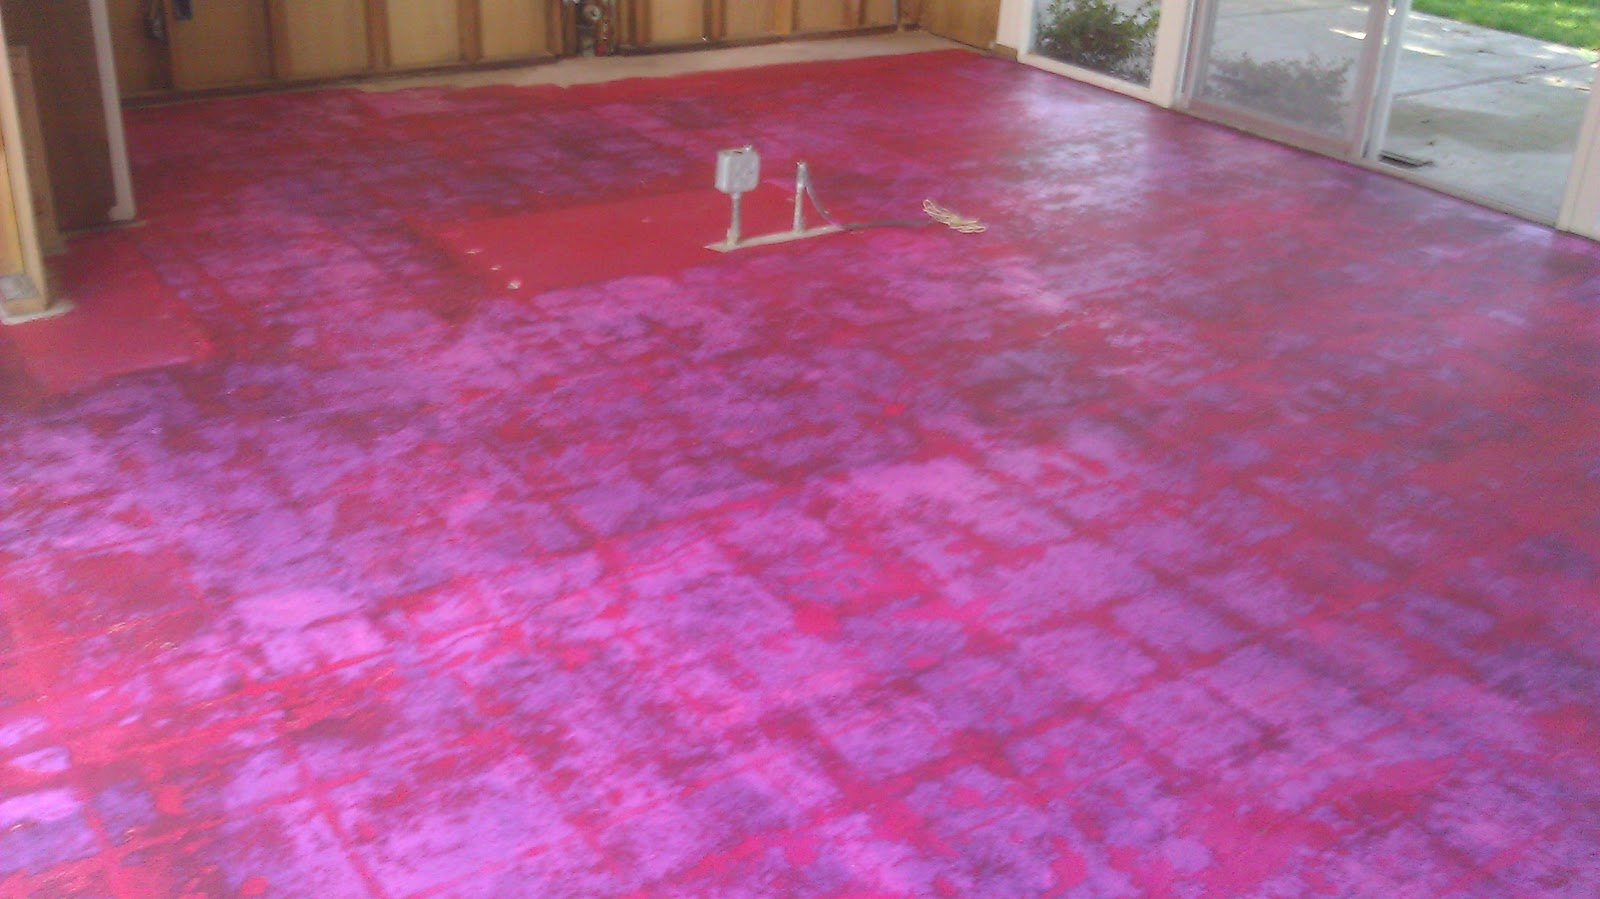 Eichler Bug Floor Demolition Complete Prep For Tile Installation